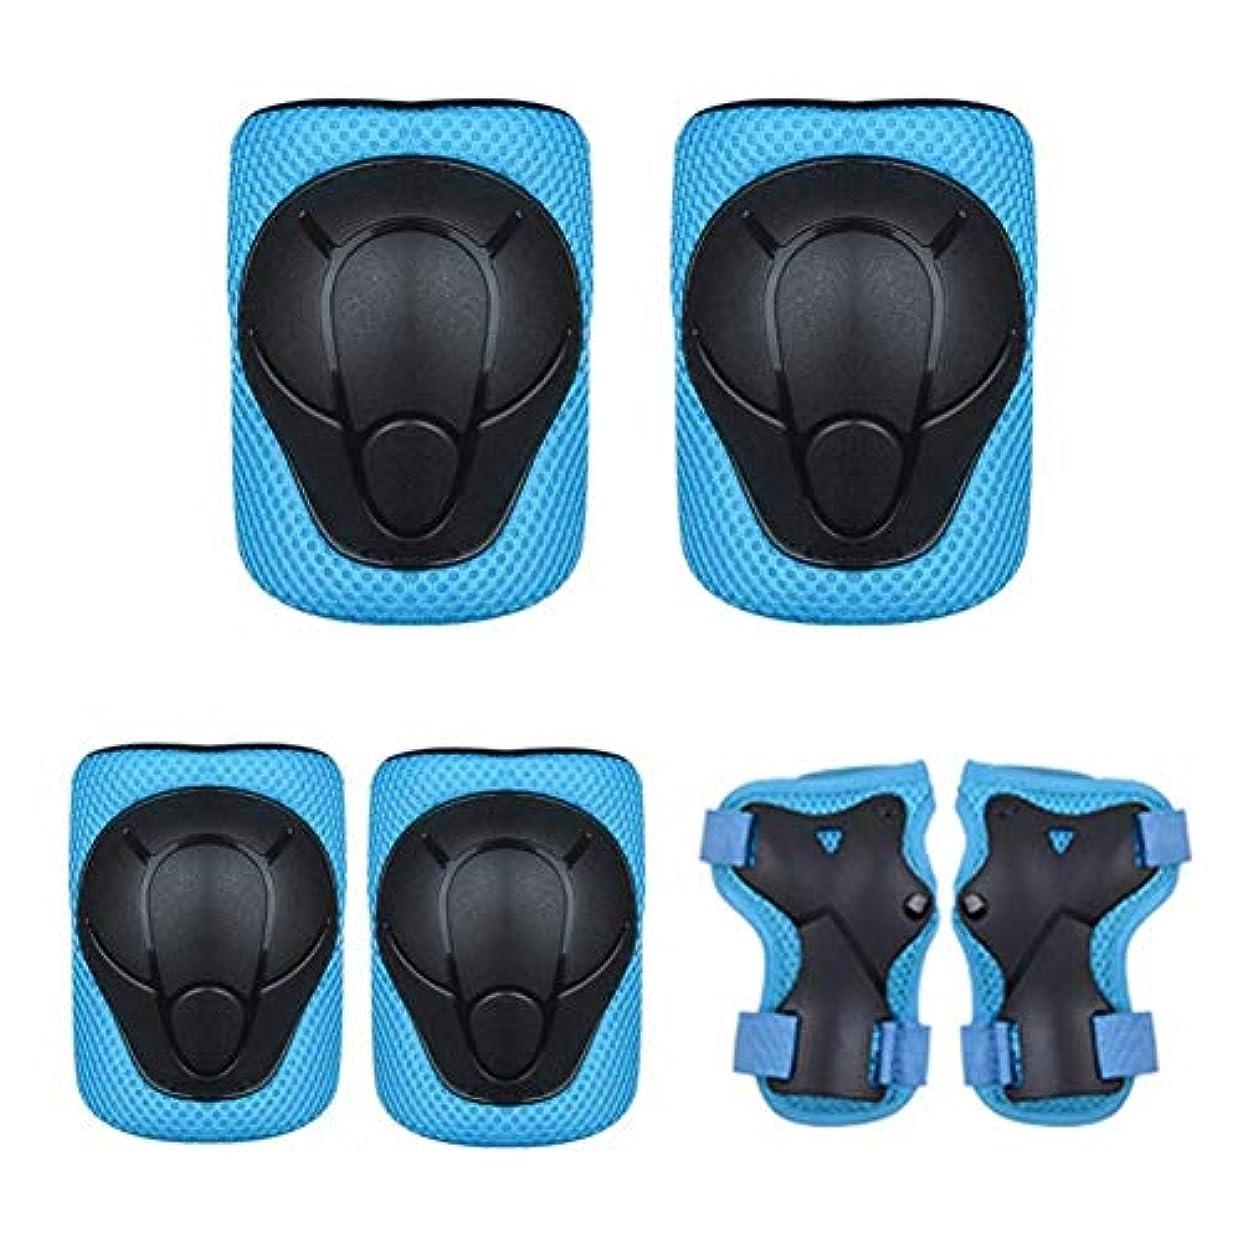 マージアクションお父さん子供用保護具 - 6 In 1大人用ティーンキッズ肘パッド手首ガード用スケートボード乗馬サイクリングスクーターローラーブレードローラースケート